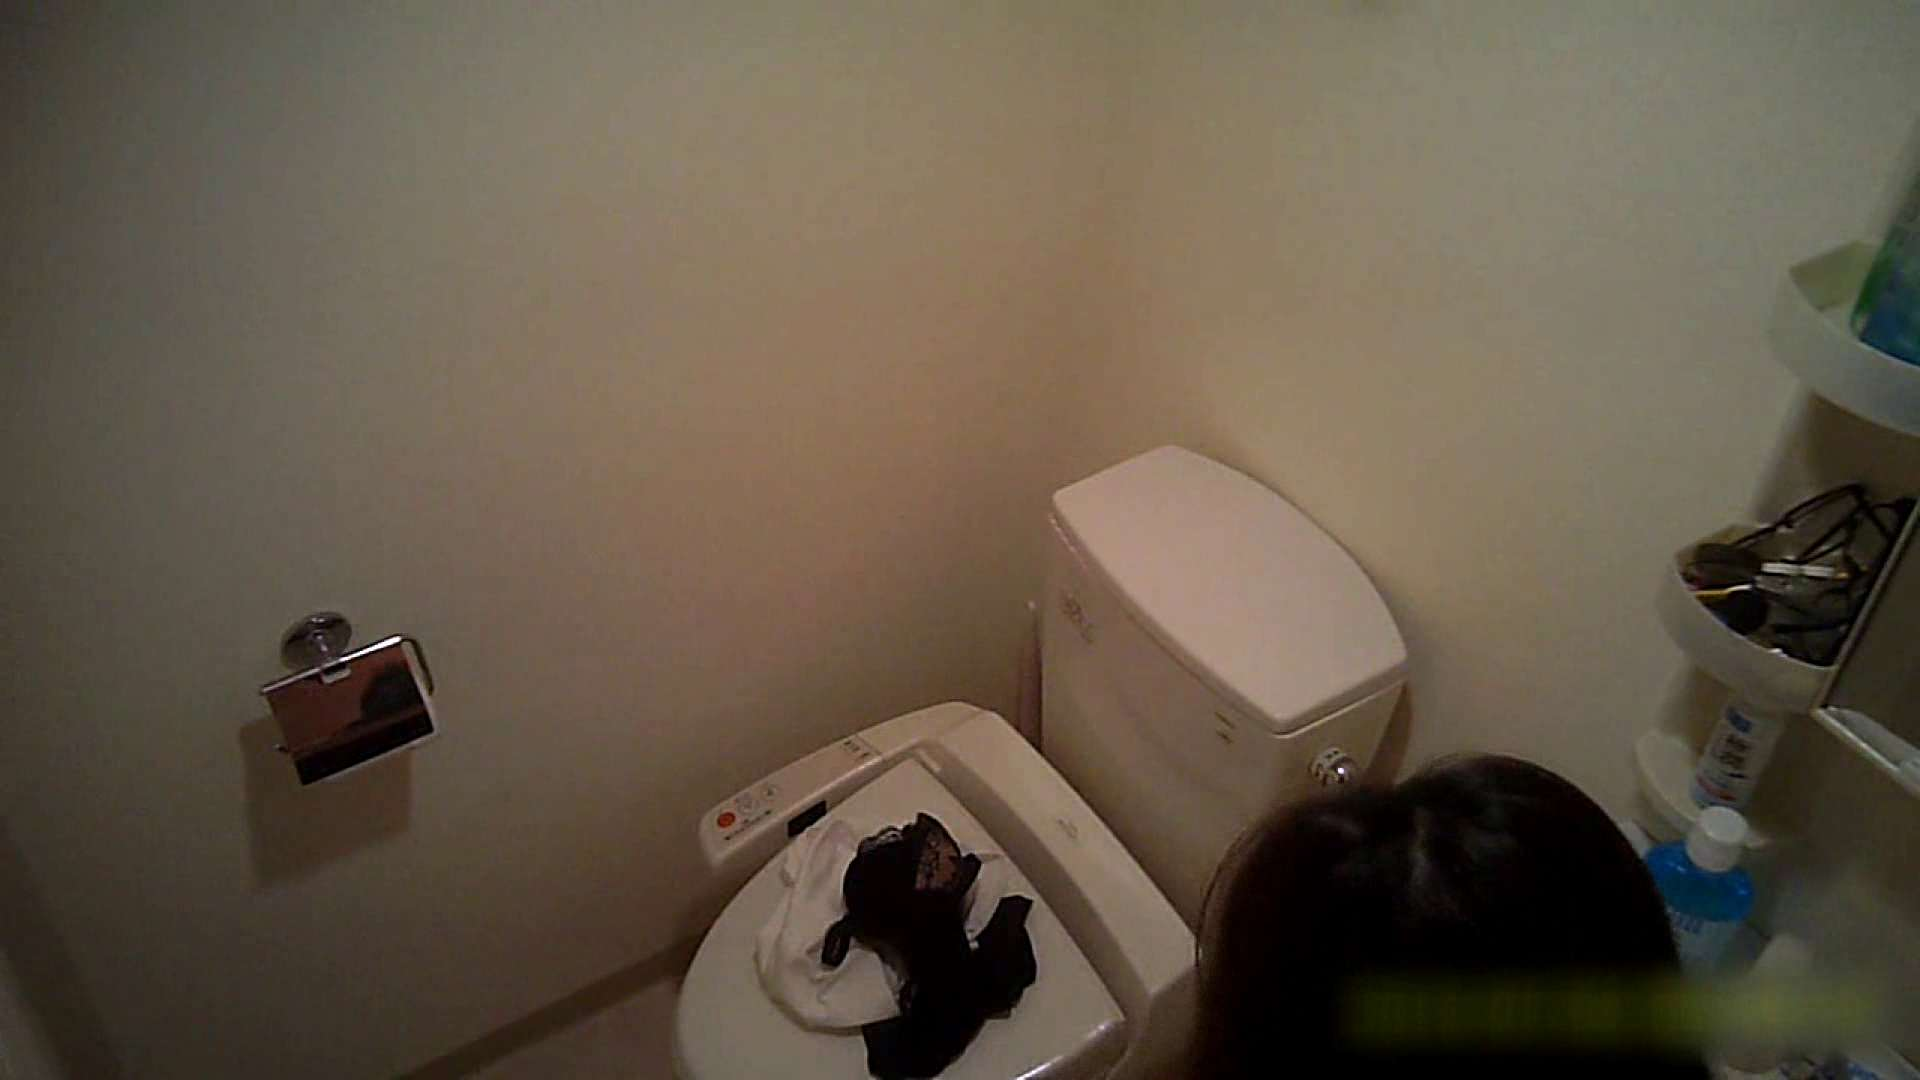 元気いっぱいノリノリ系なB子23歳(仮名)Vol.01 トイレ着替え編 トイレ | 着替えハメ撮り  73画像 50